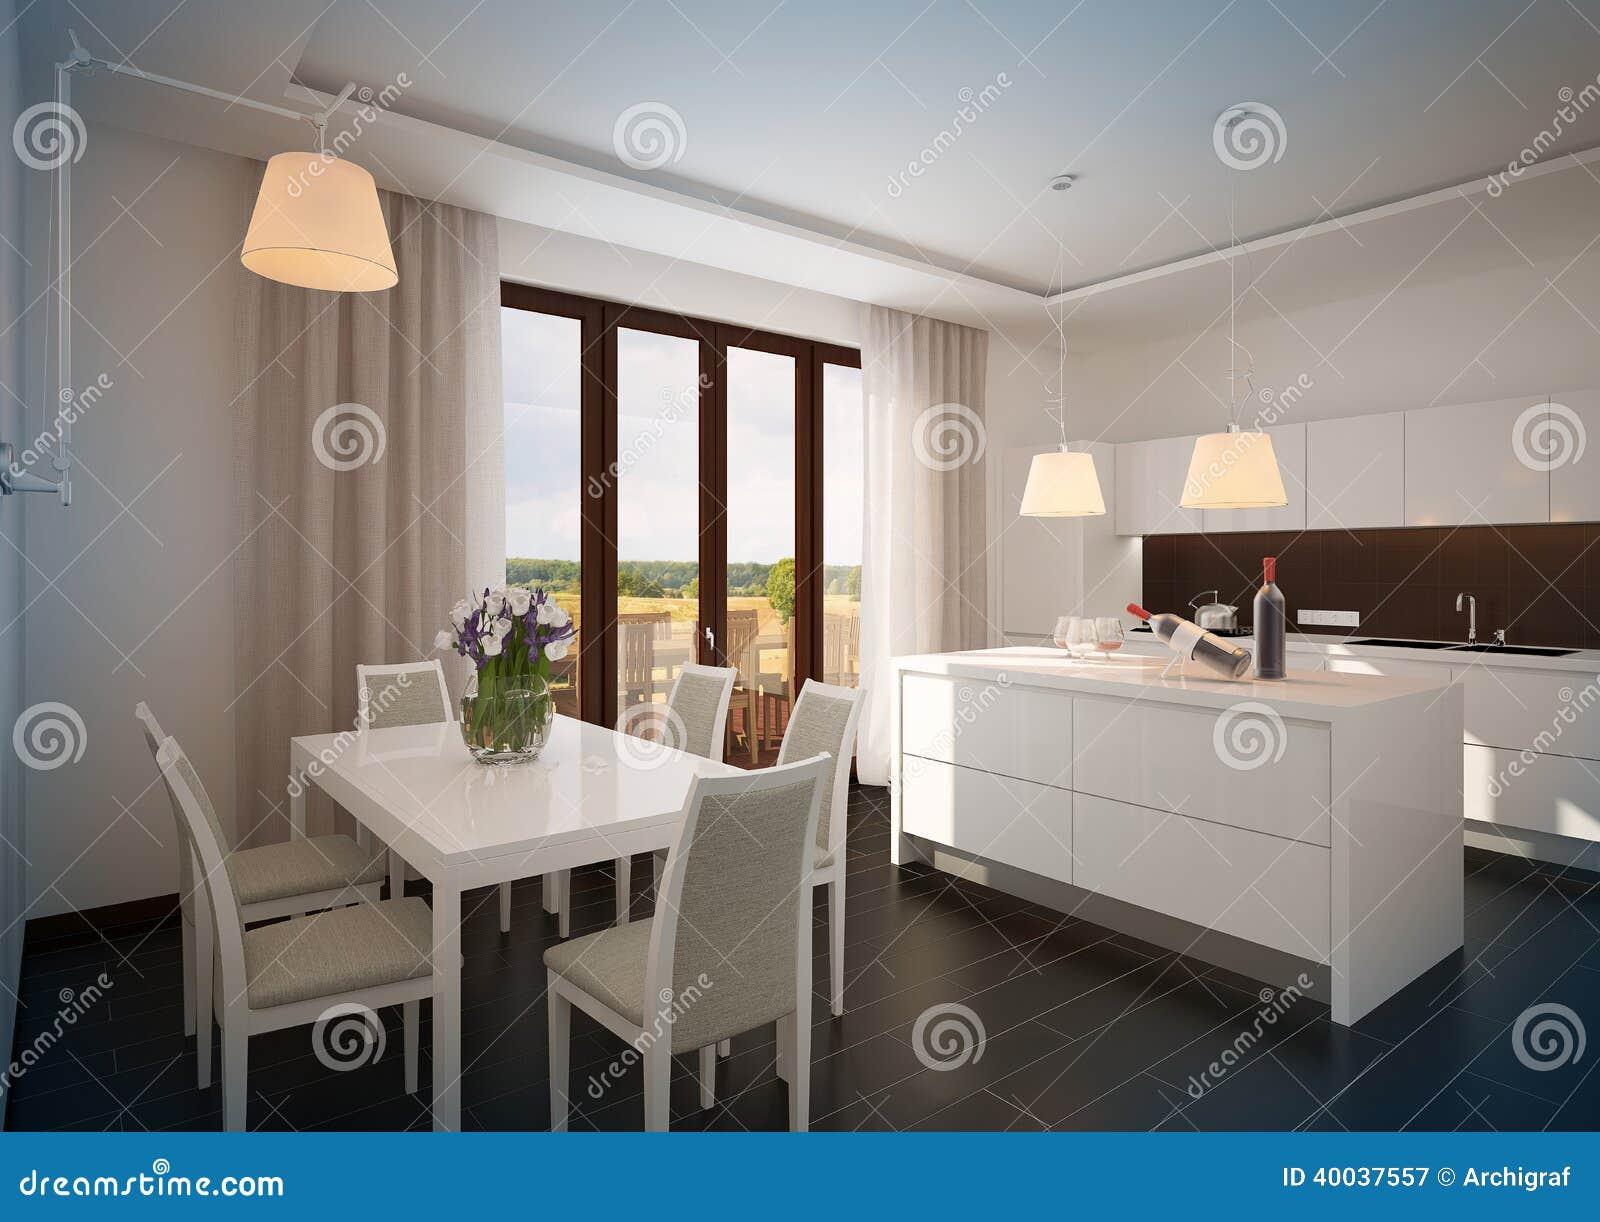 Weiße Luxusküche in einem neuen modernen Haus.